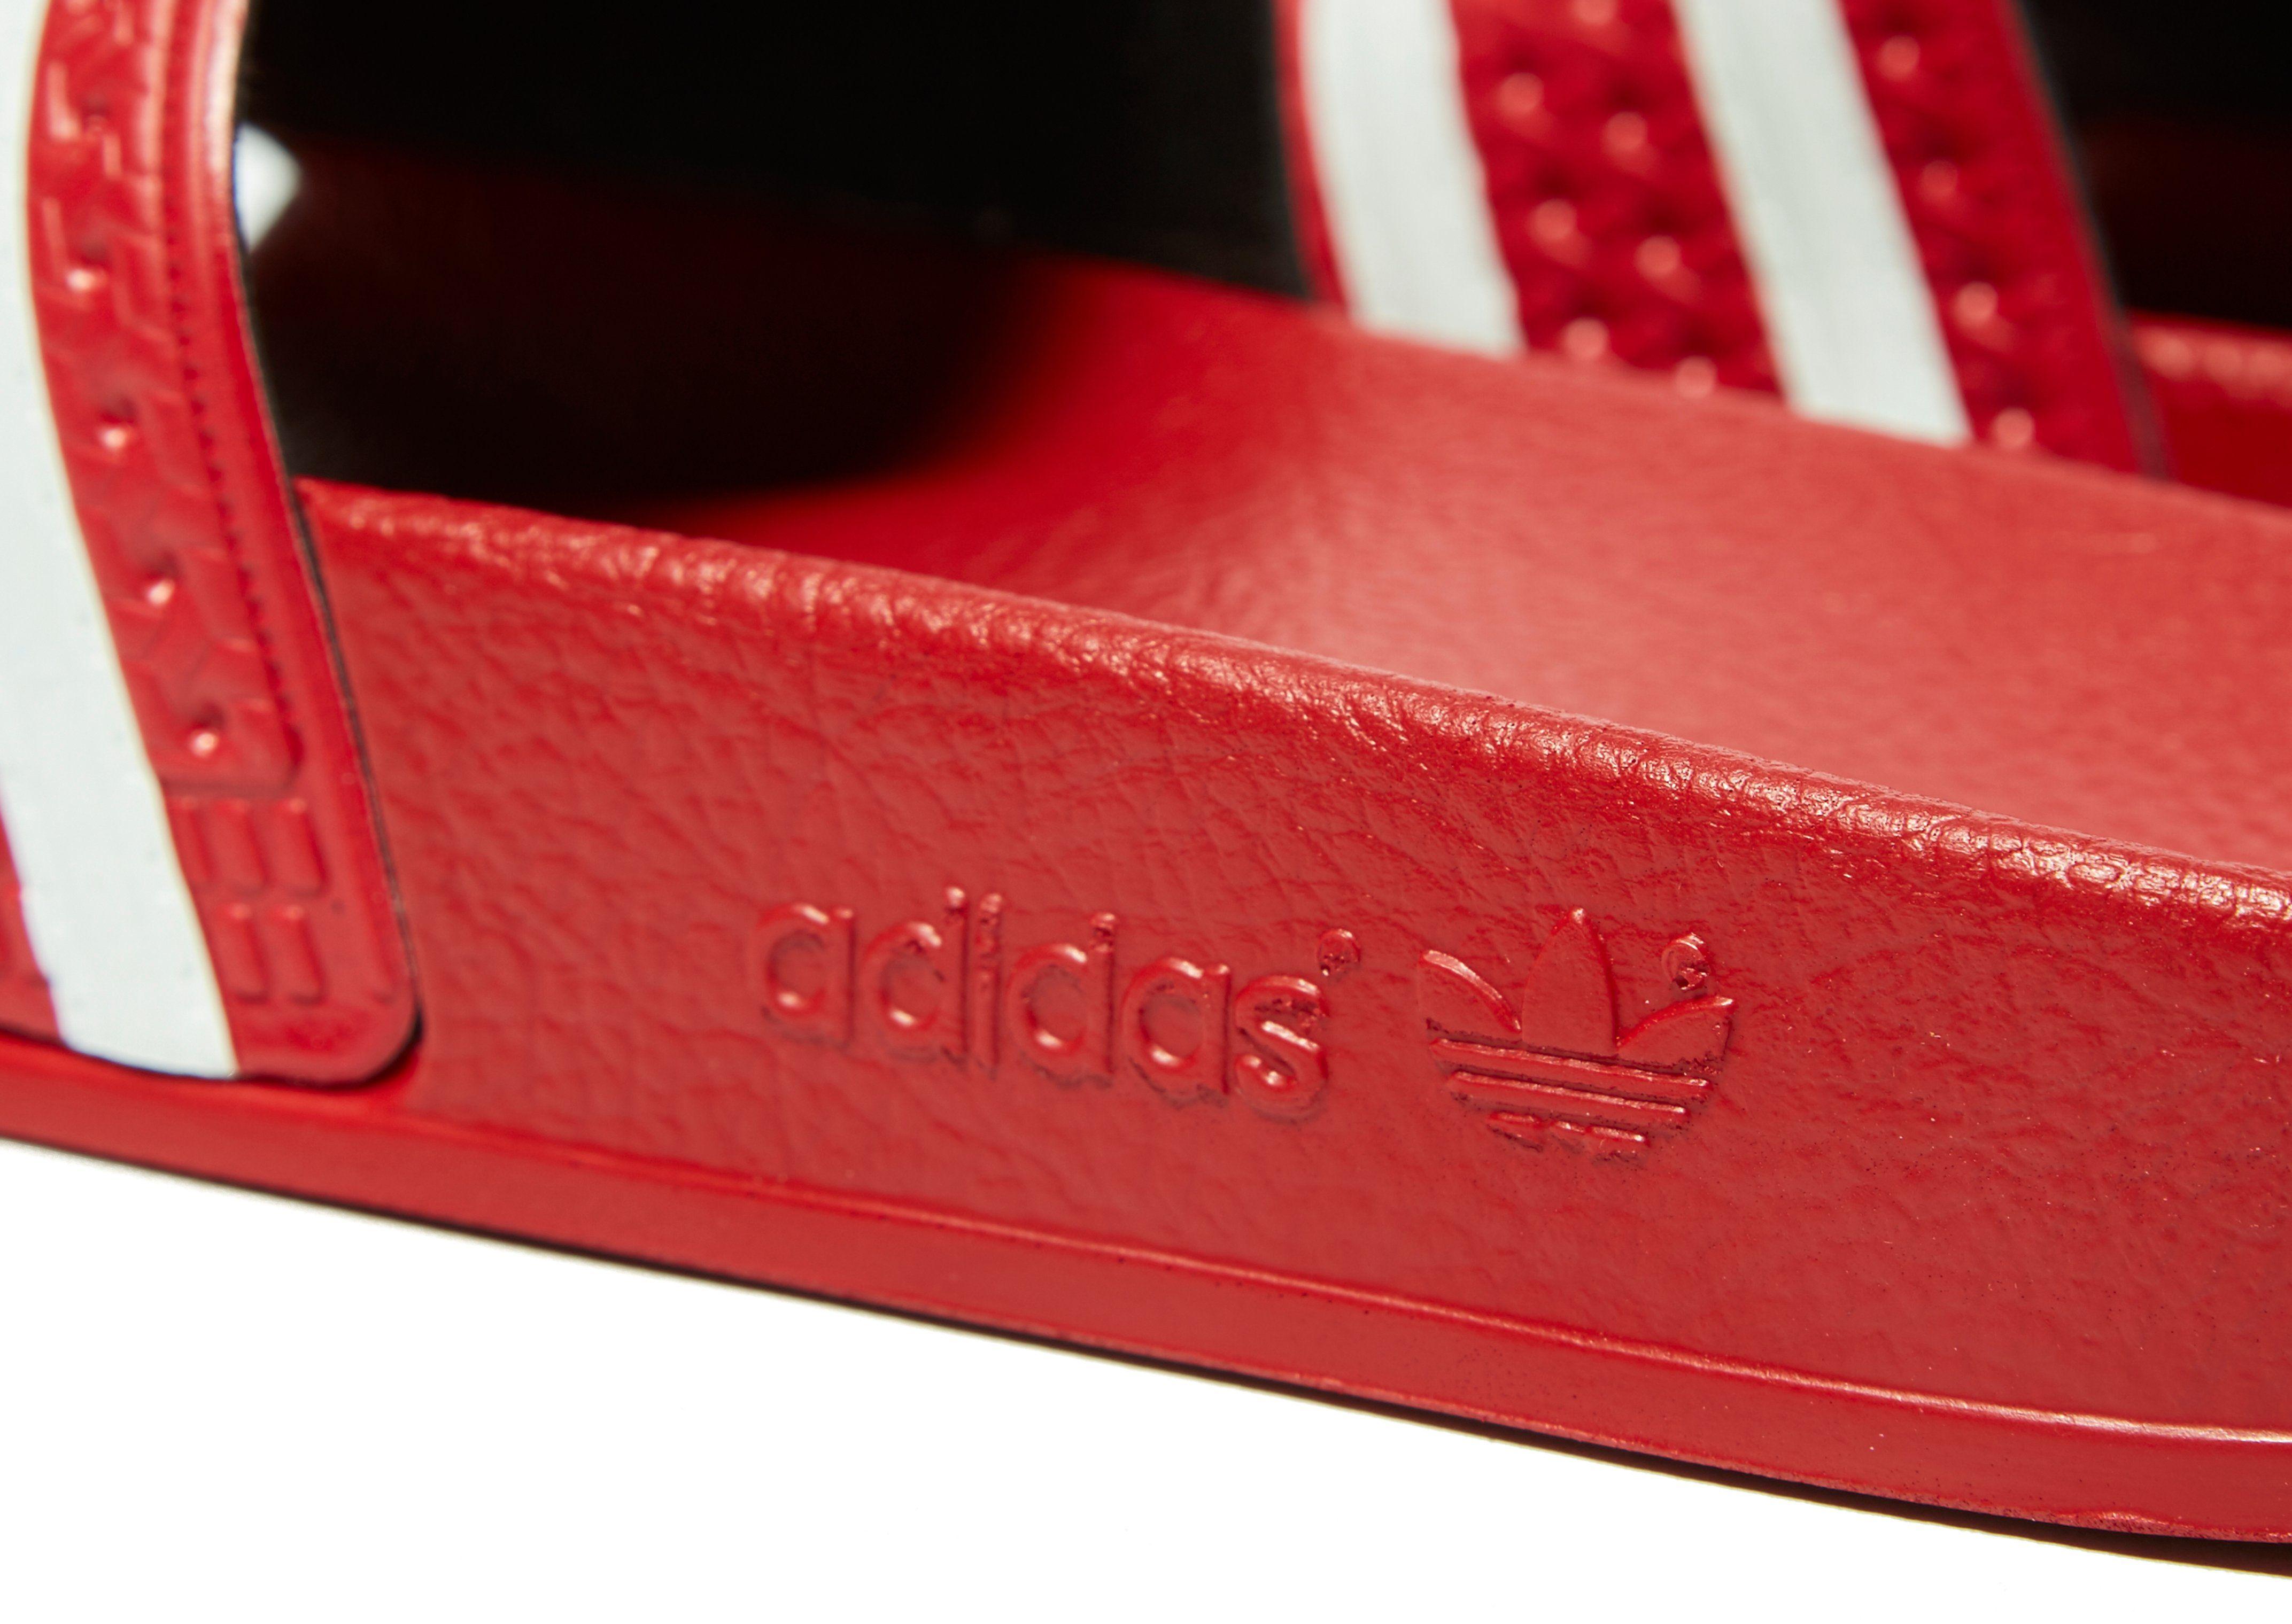 Zuverlässig Günstiger Preis adidas Originals Adilette Slides Rot Konstrukteur Freies Verschiffen 2018 Günstig Kaufen Low-Cost w9IoD3Fc0a